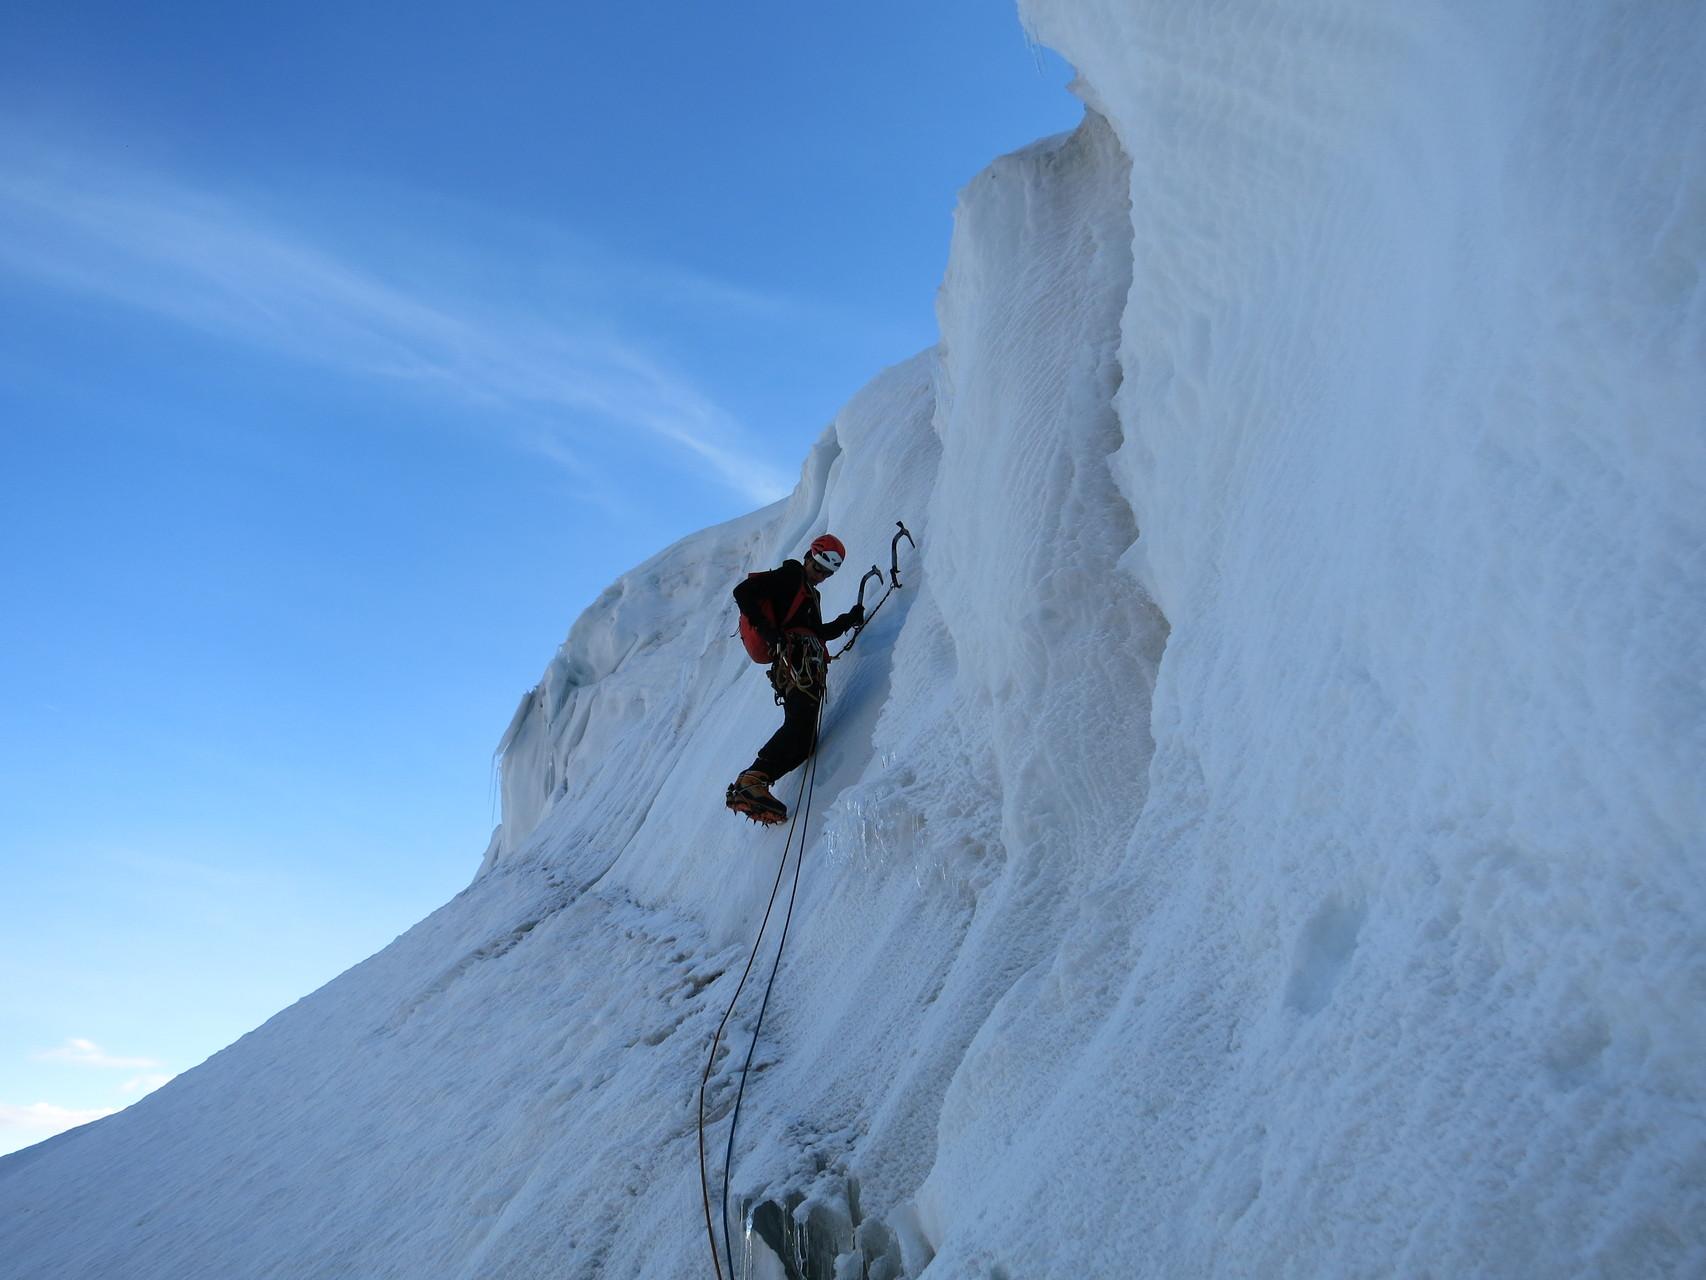 Der erste Steilaufschwung im Gletscherbereich. Chillout Eisklettern